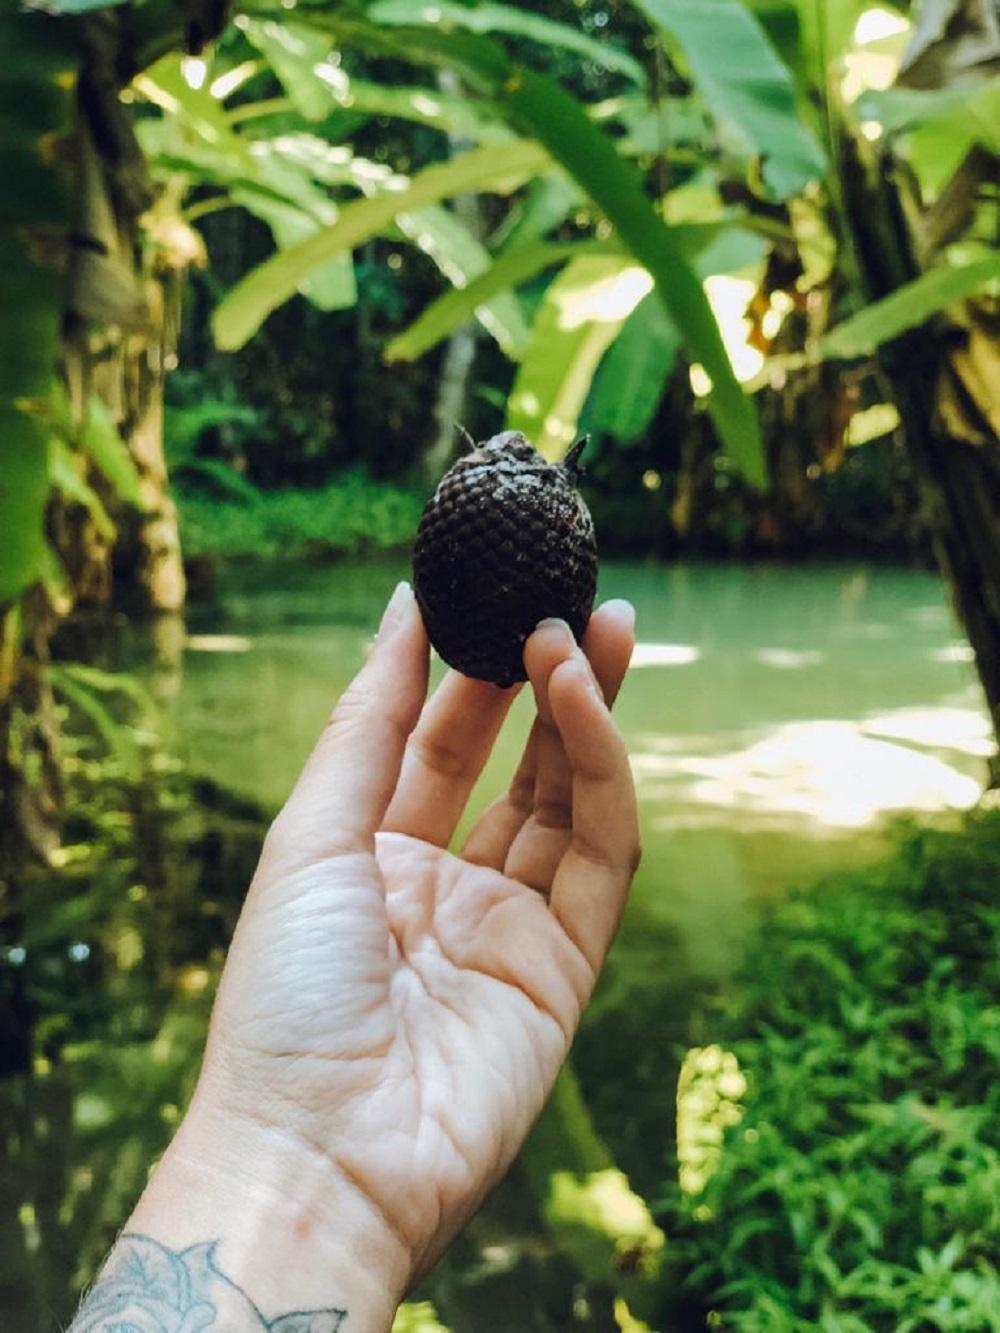 Buriti, fruta típica do Jalapão (Foto: Tati Sisti)